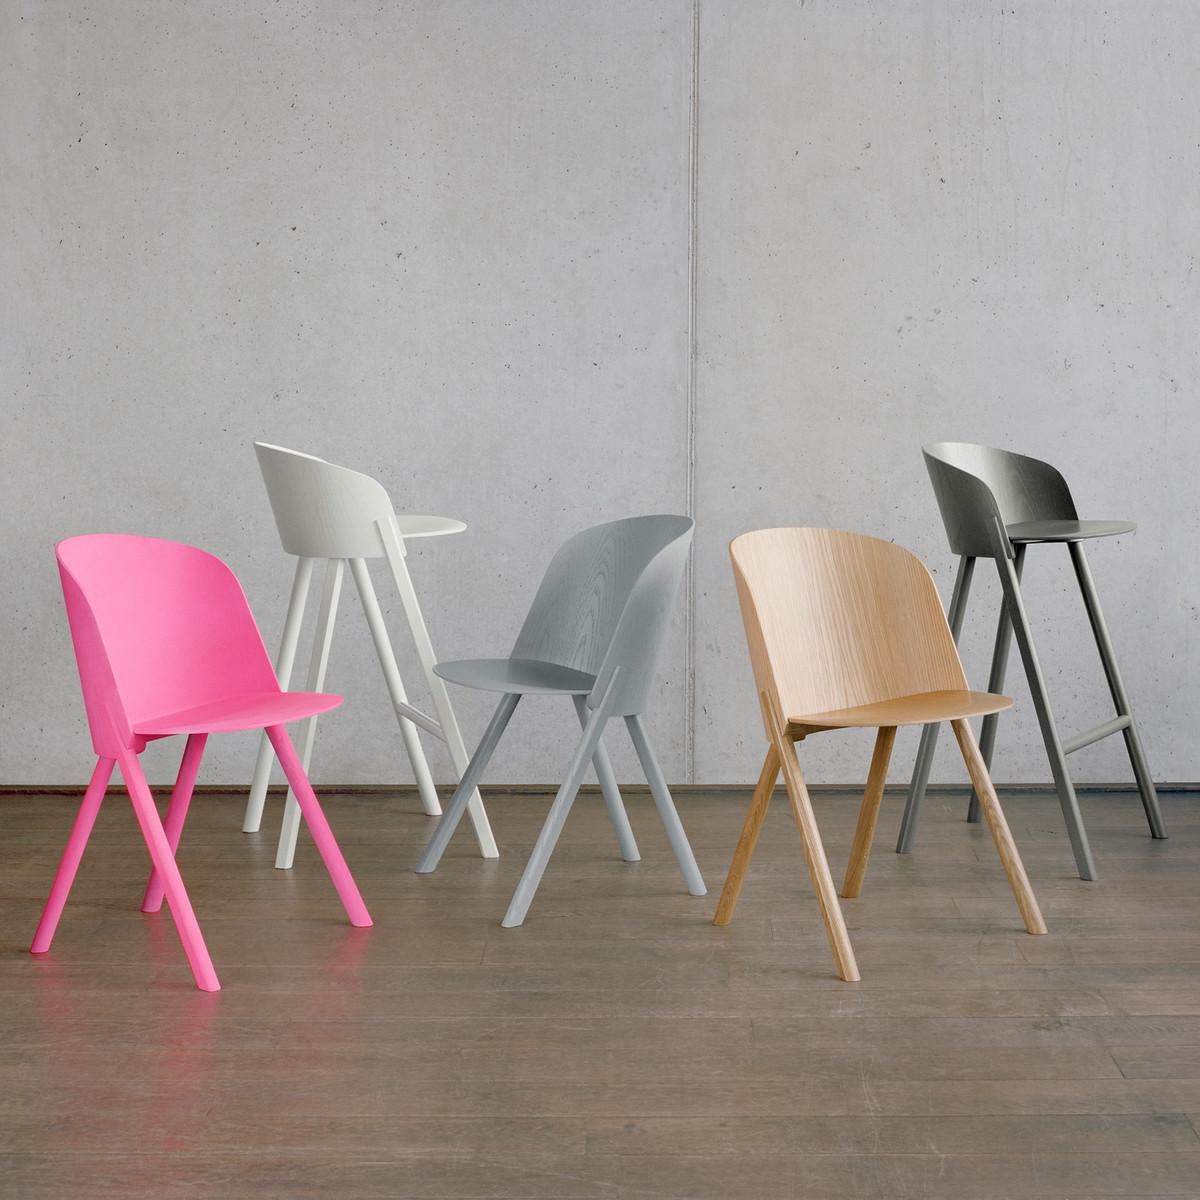 e15 – EC05 That Chair